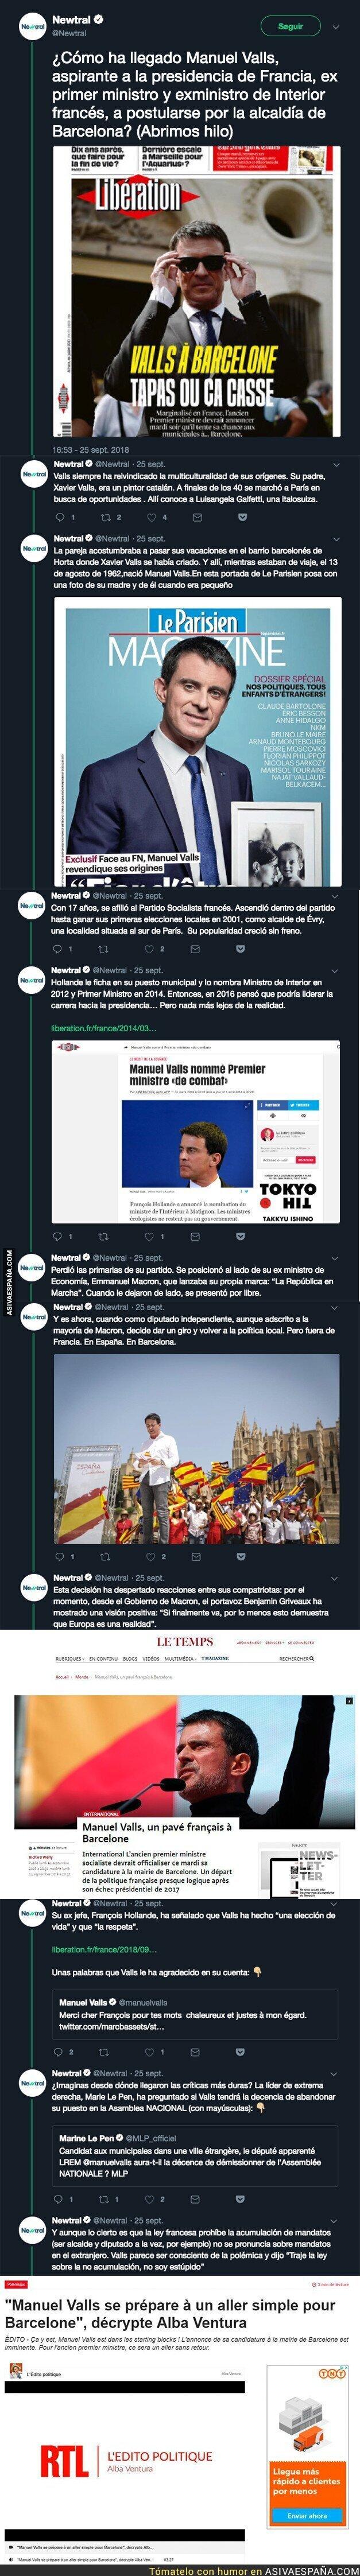 93812 - La historia que no conocías de Manuel Valls, el candidato de Ciudadanos para ser el alcalde de Barcelona